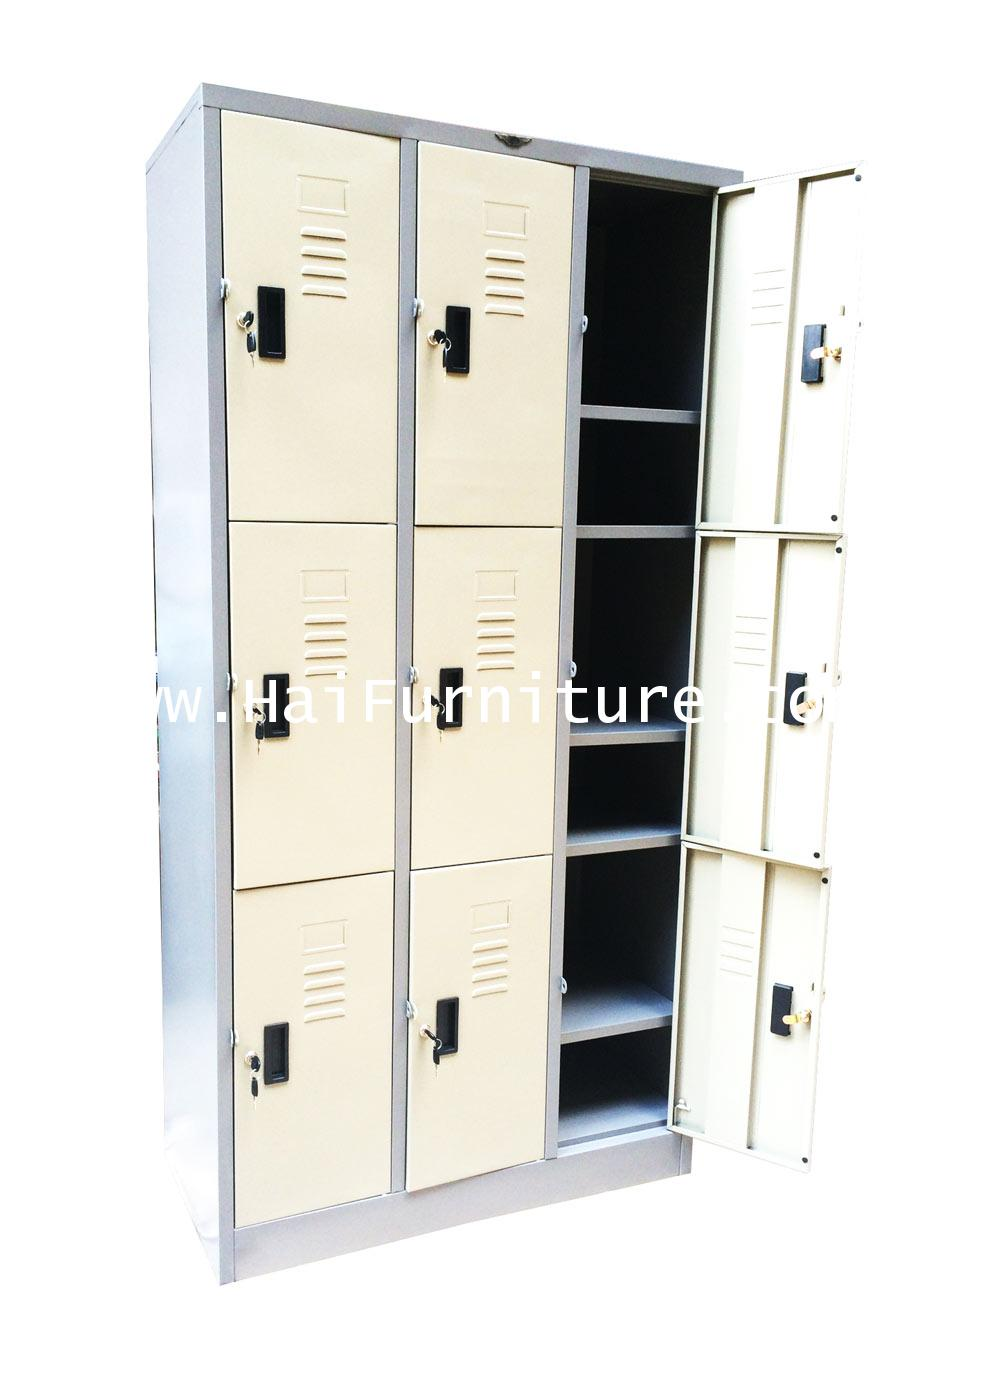 ตู้ล๊อคเกอร์ 9 ช่อง รุ่นประหยัด LK-9 Elegant 91.4*45.7*183 CM 1